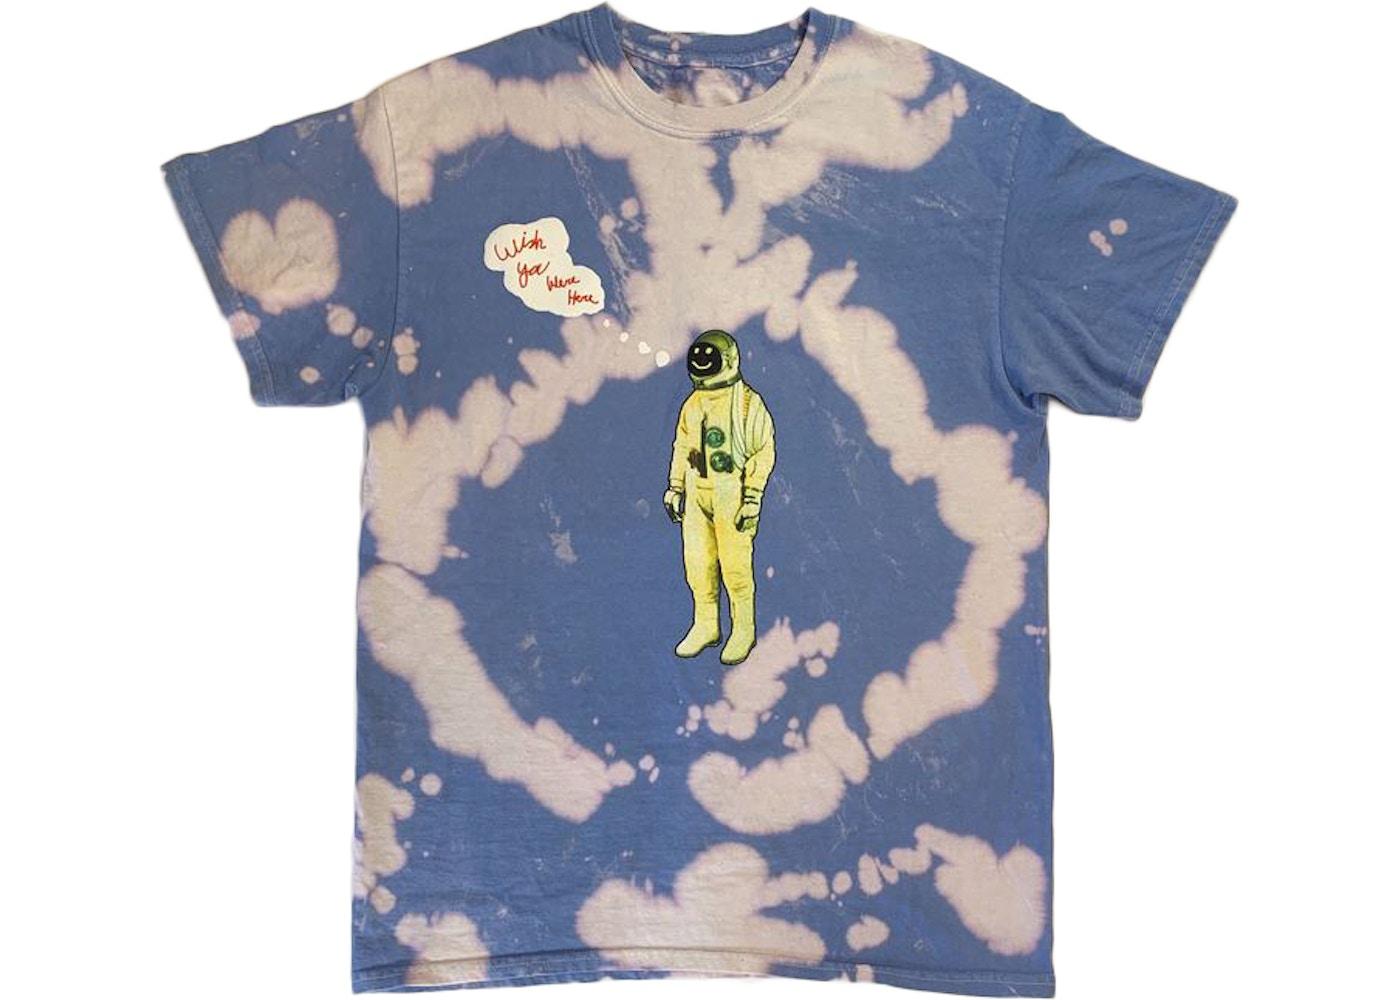 d466d6ed2d3d Travis Scott Astroworld Tour Astronaut Tee Tie Dye - SS19